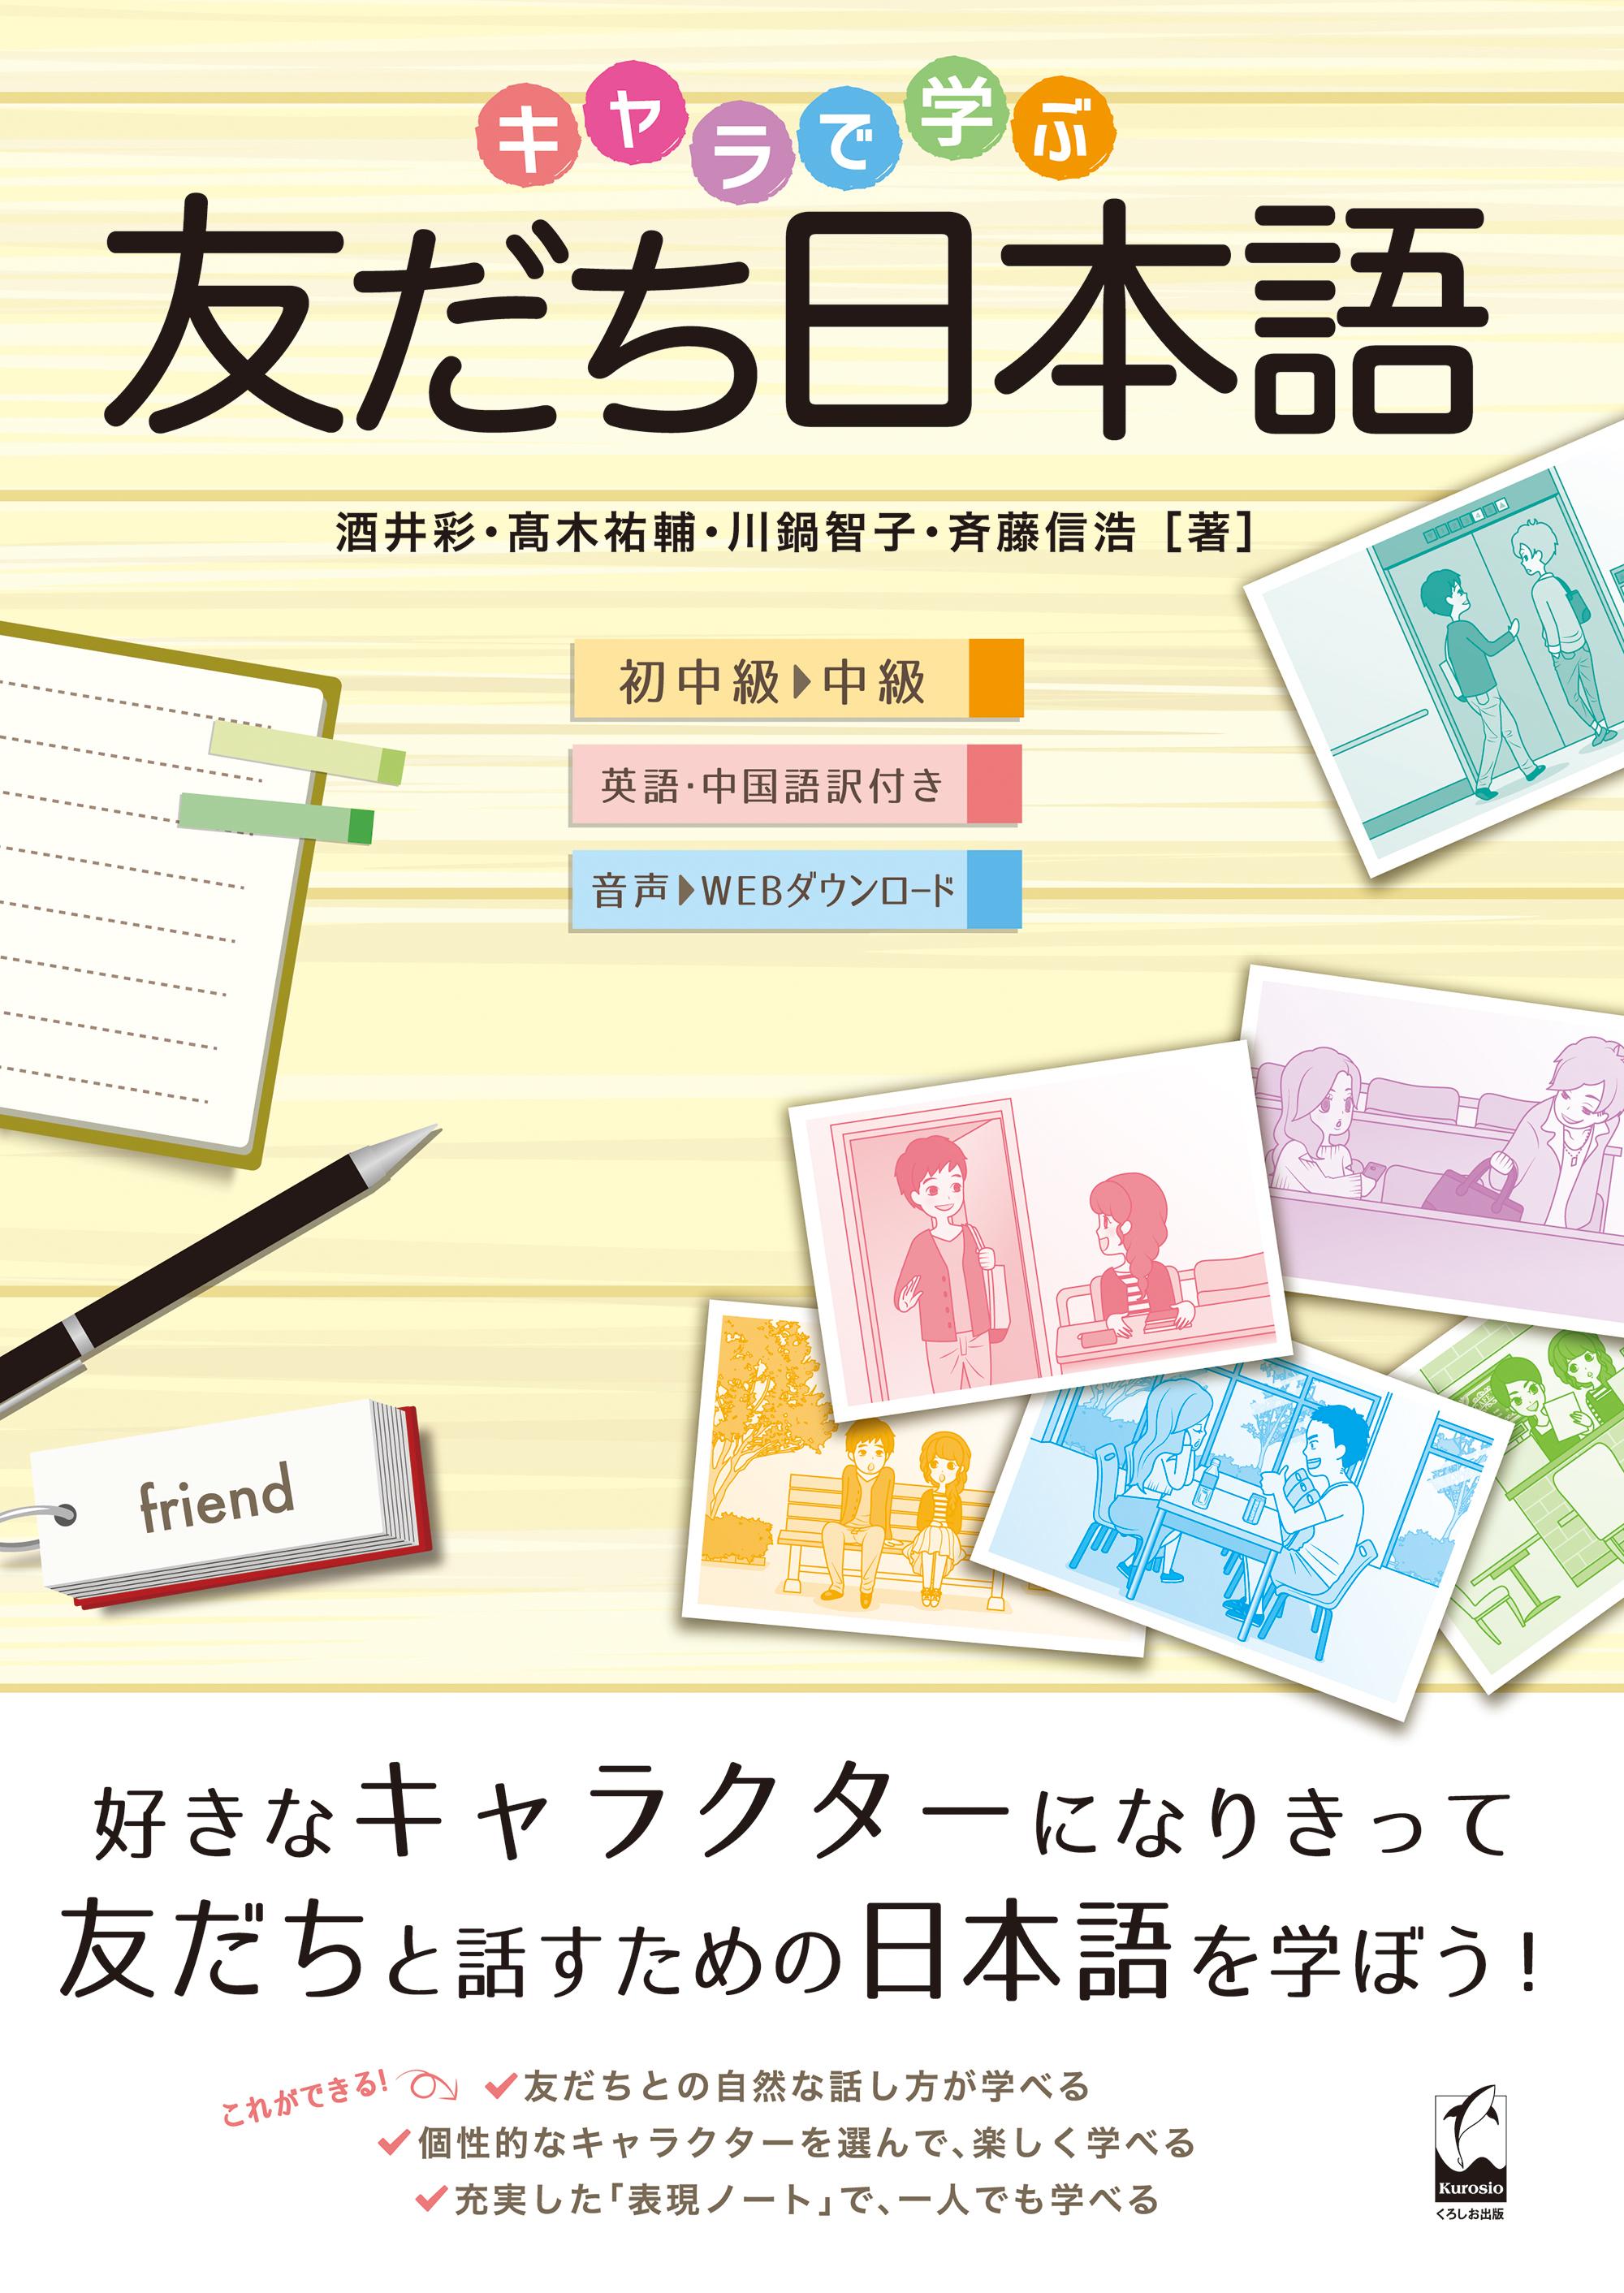 キャラで学ぶ友だち日本語画像